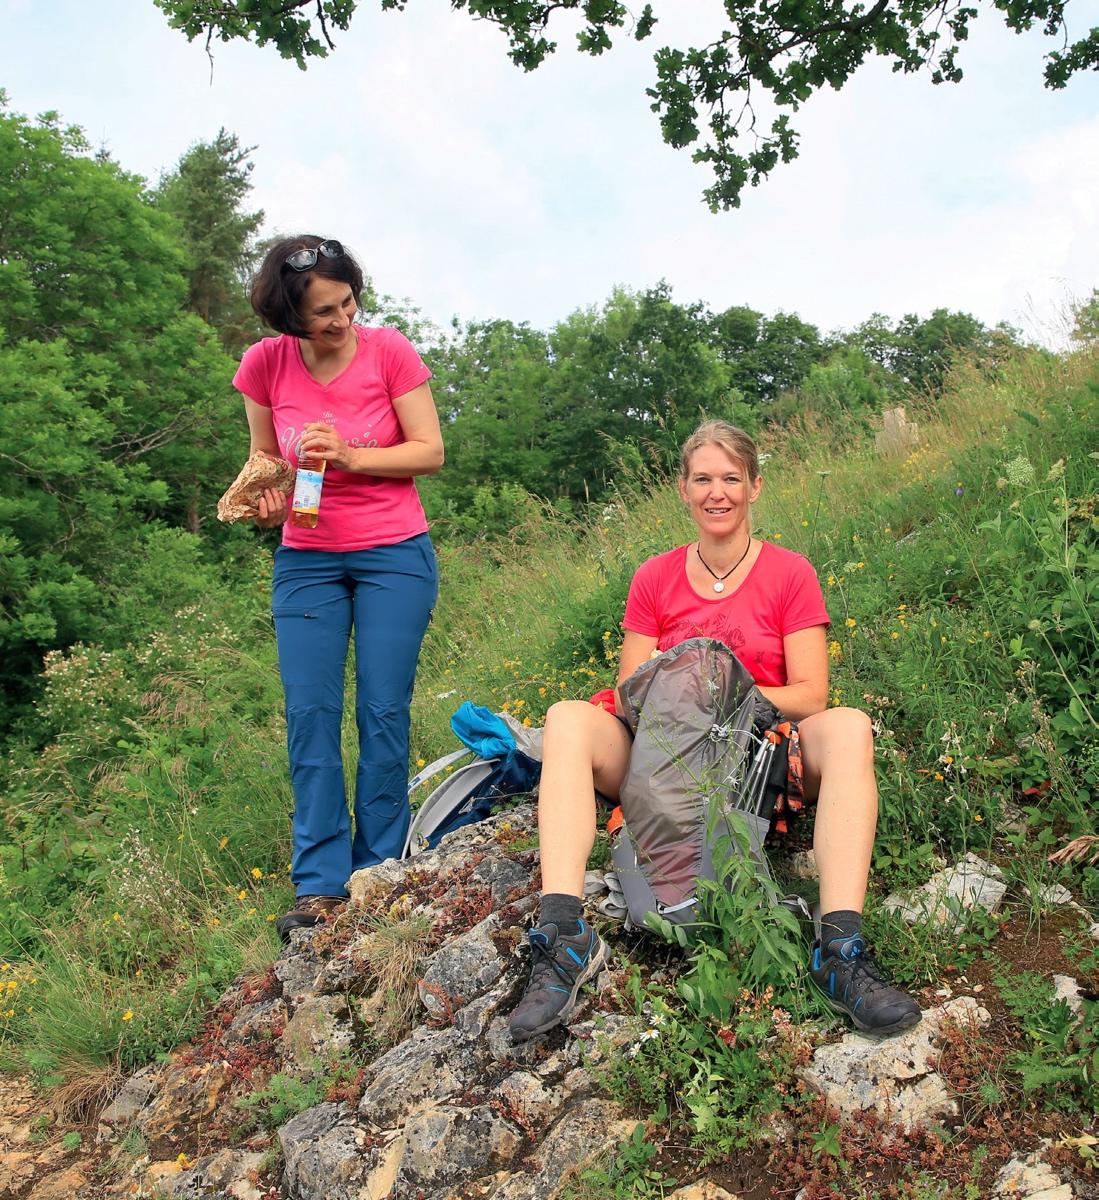 Frauke und Antje kurz nach dem Start: Hier ist es schön, also machen wir Rast! © Michael Sänger